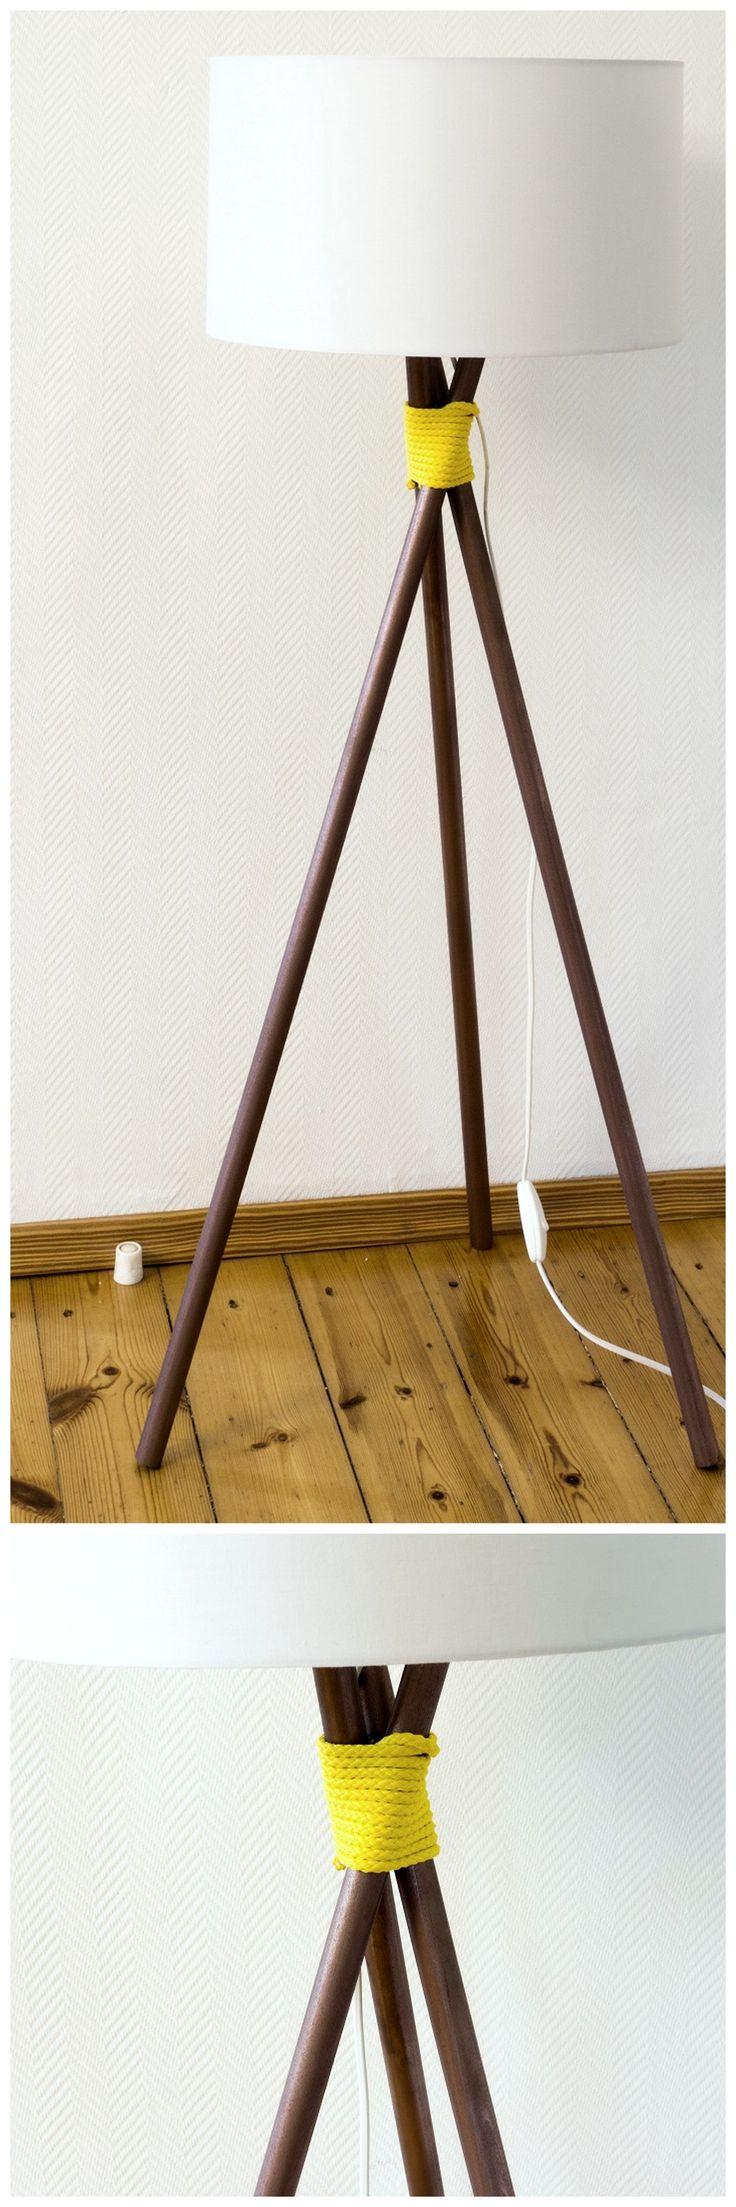 DIY Stehlampe in Kupfer mit gelbem Seil - super easy ohne Sägen, Bohren, Schrauben oder Kleben! || DIY floor lamp with copper and yellow rope